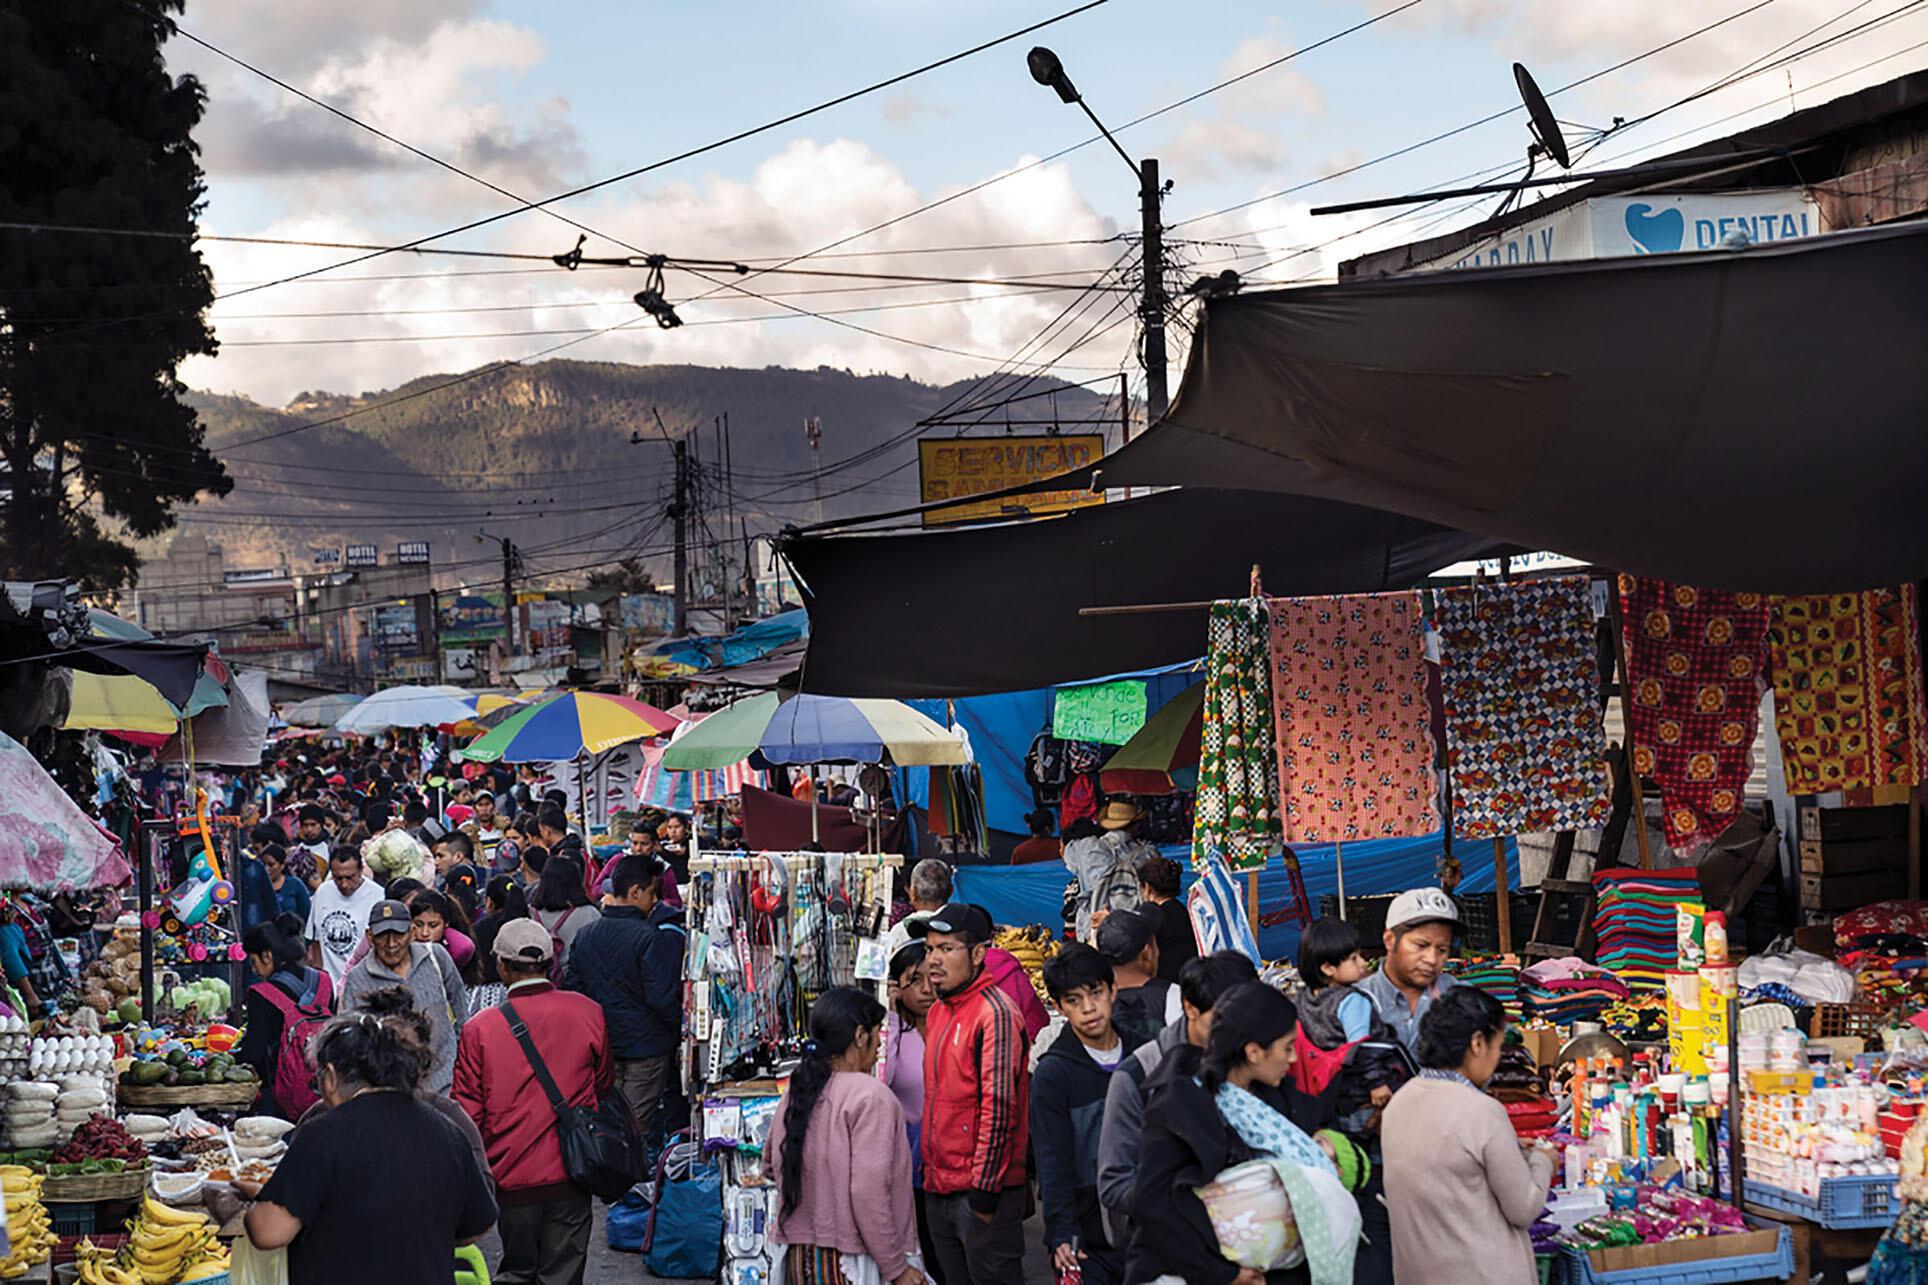 Los vendedores venden productos en un concurrido mercado al aire libre en Quetzaltenango, Guatemala. (Foto cortesía de la Oficina Regional de Centroamérica de los CDC, Guatemala.)